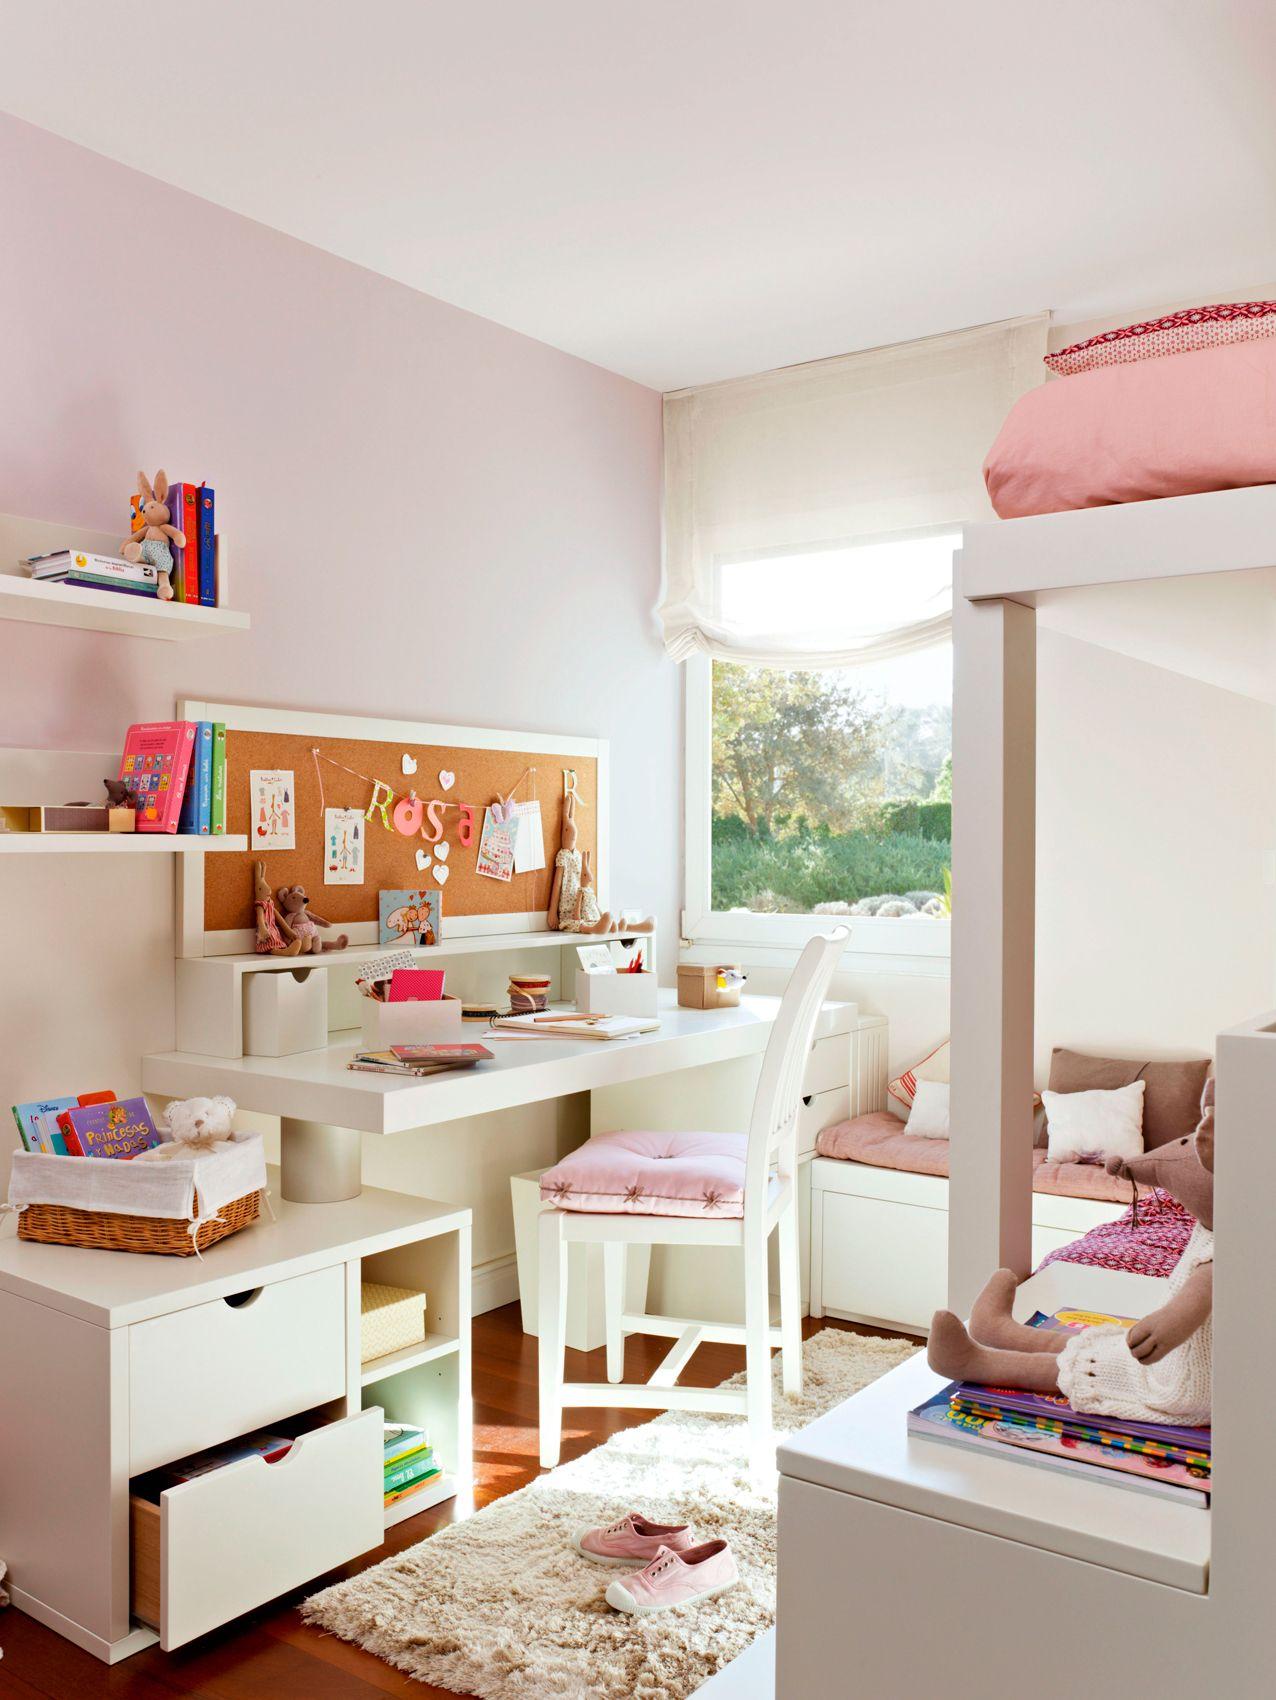 Zona Niños Infantiles De EstudioHabitaciones Para UMzVSp